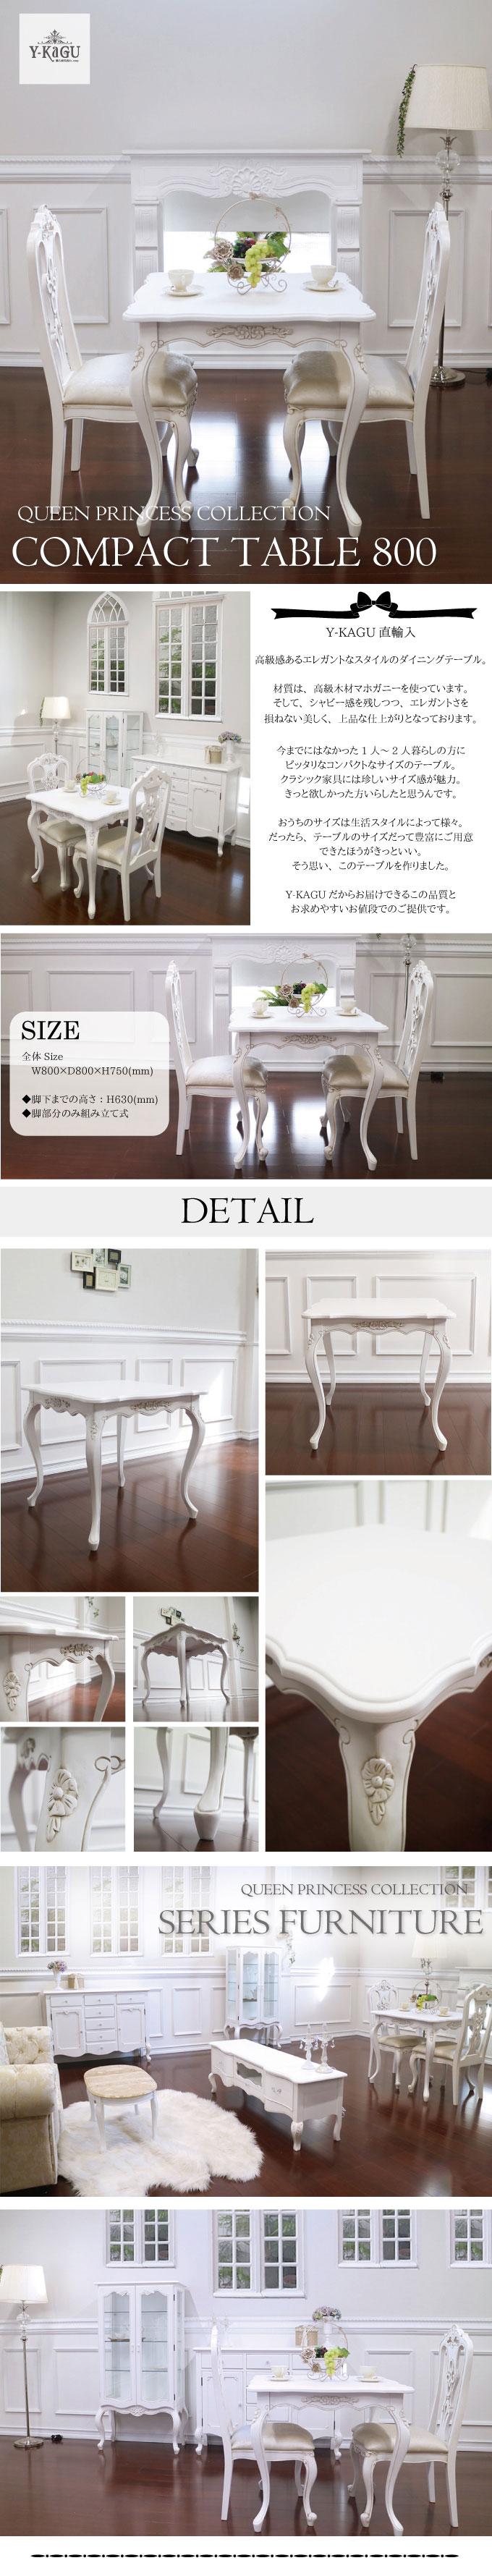 テーブル,2人用,3人用,4人用,コンパクト,正方形,80cm,白家具,ホワイト家具,食卓,ダイニング,ダイニングテーブル